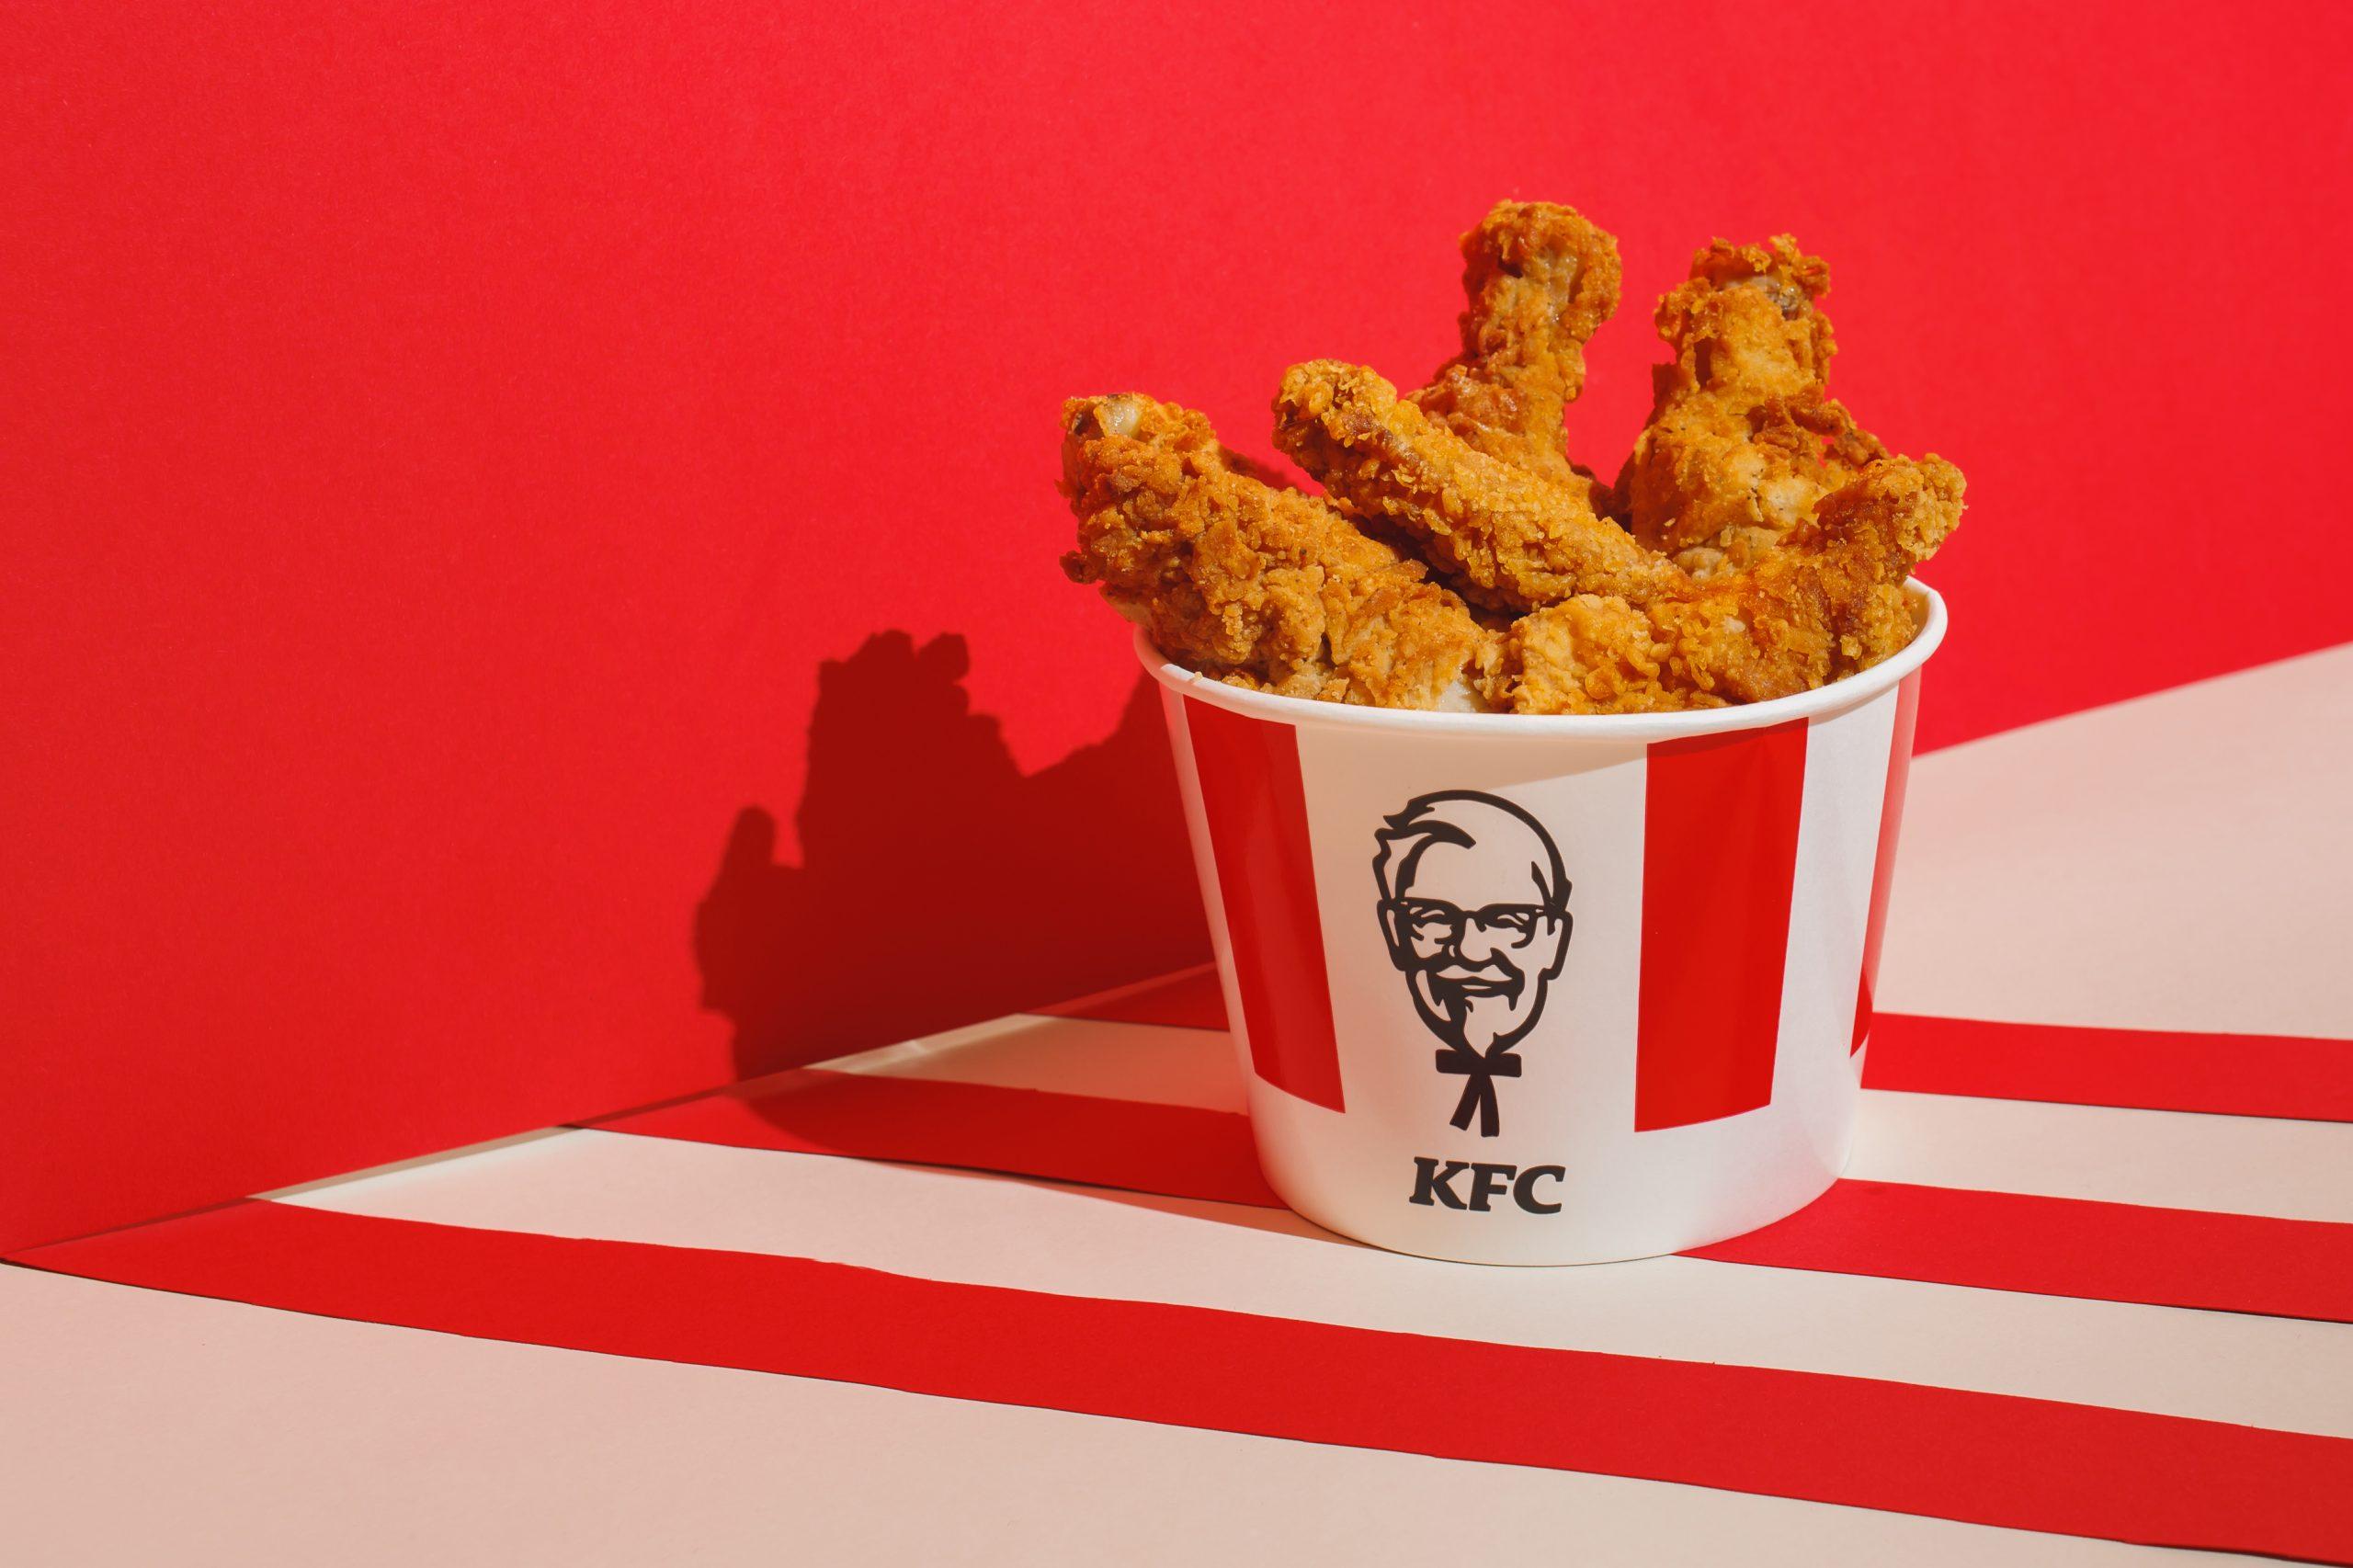 KFC Buckets : tous les menus, prix et calories